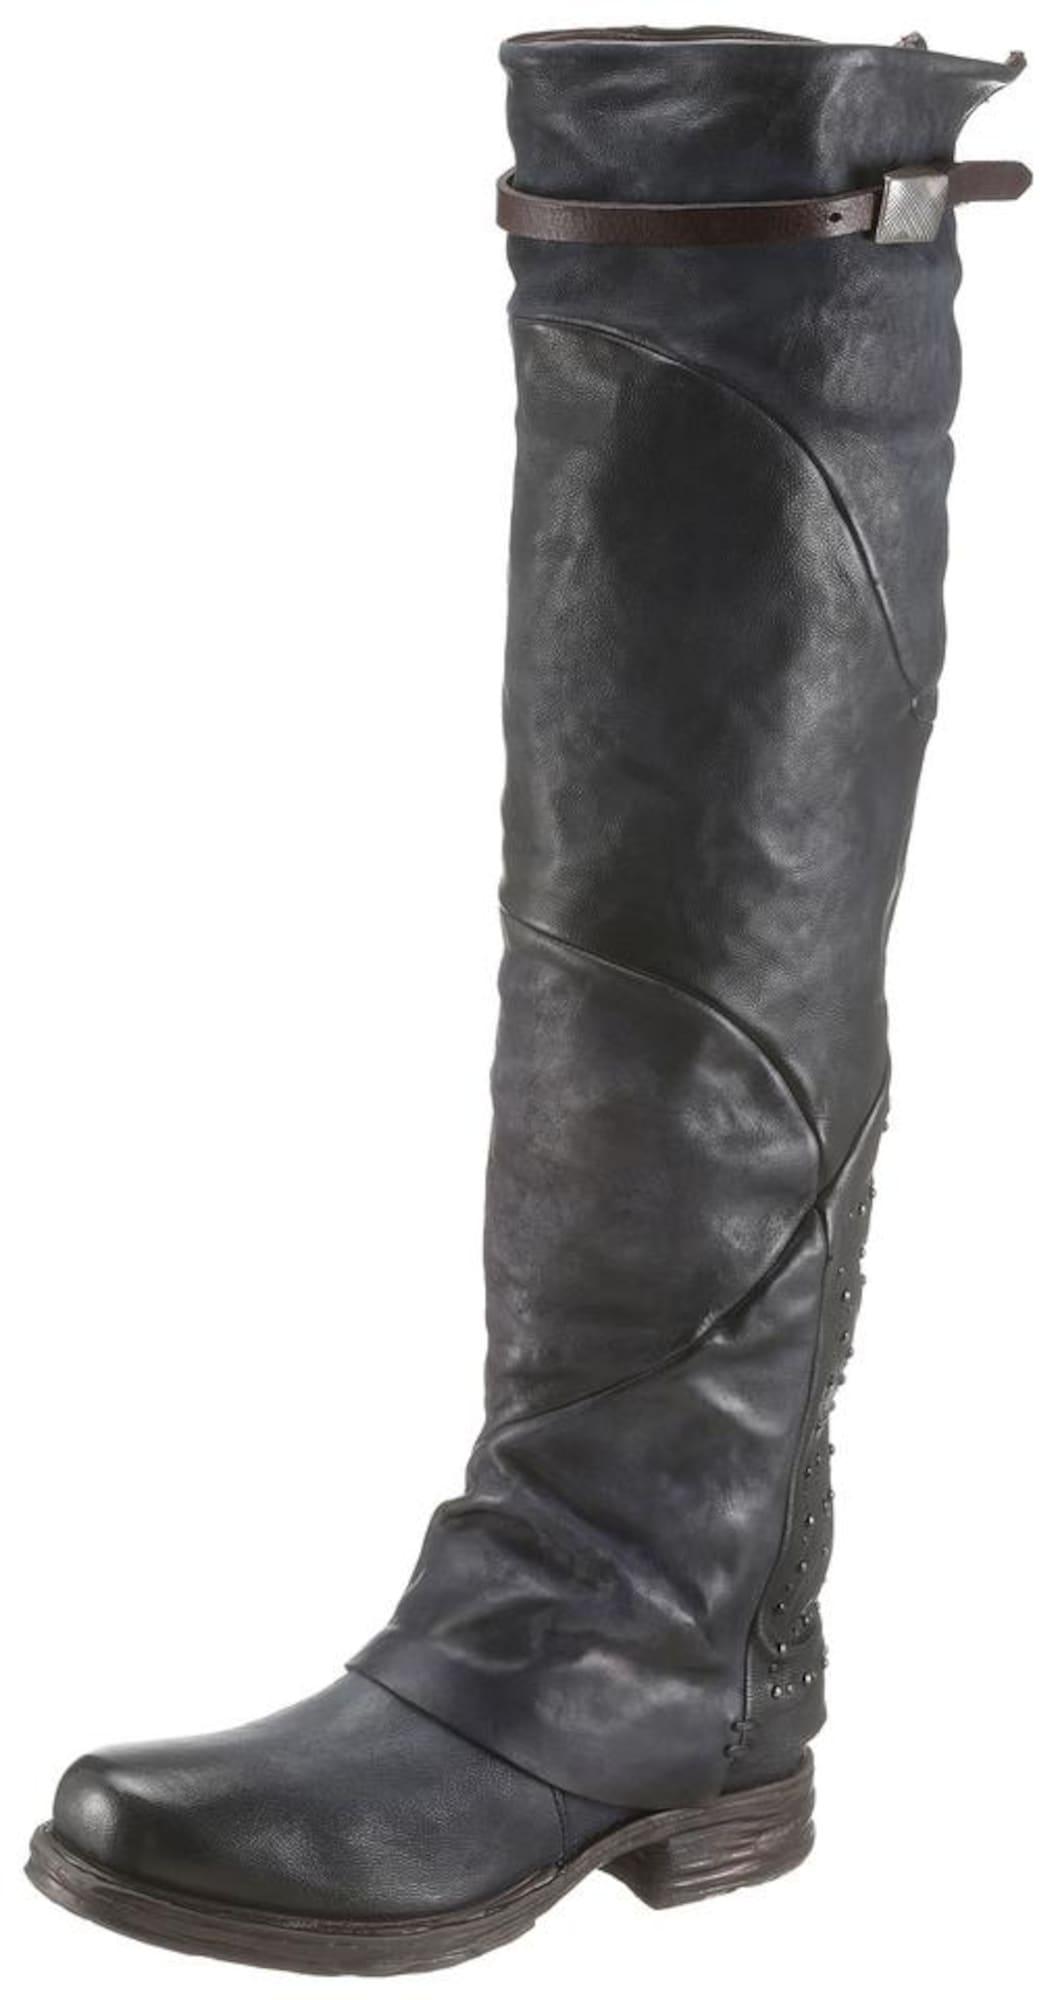 Overkneestiefel | Schuhe > Stiefel > Overknees | a.s.98